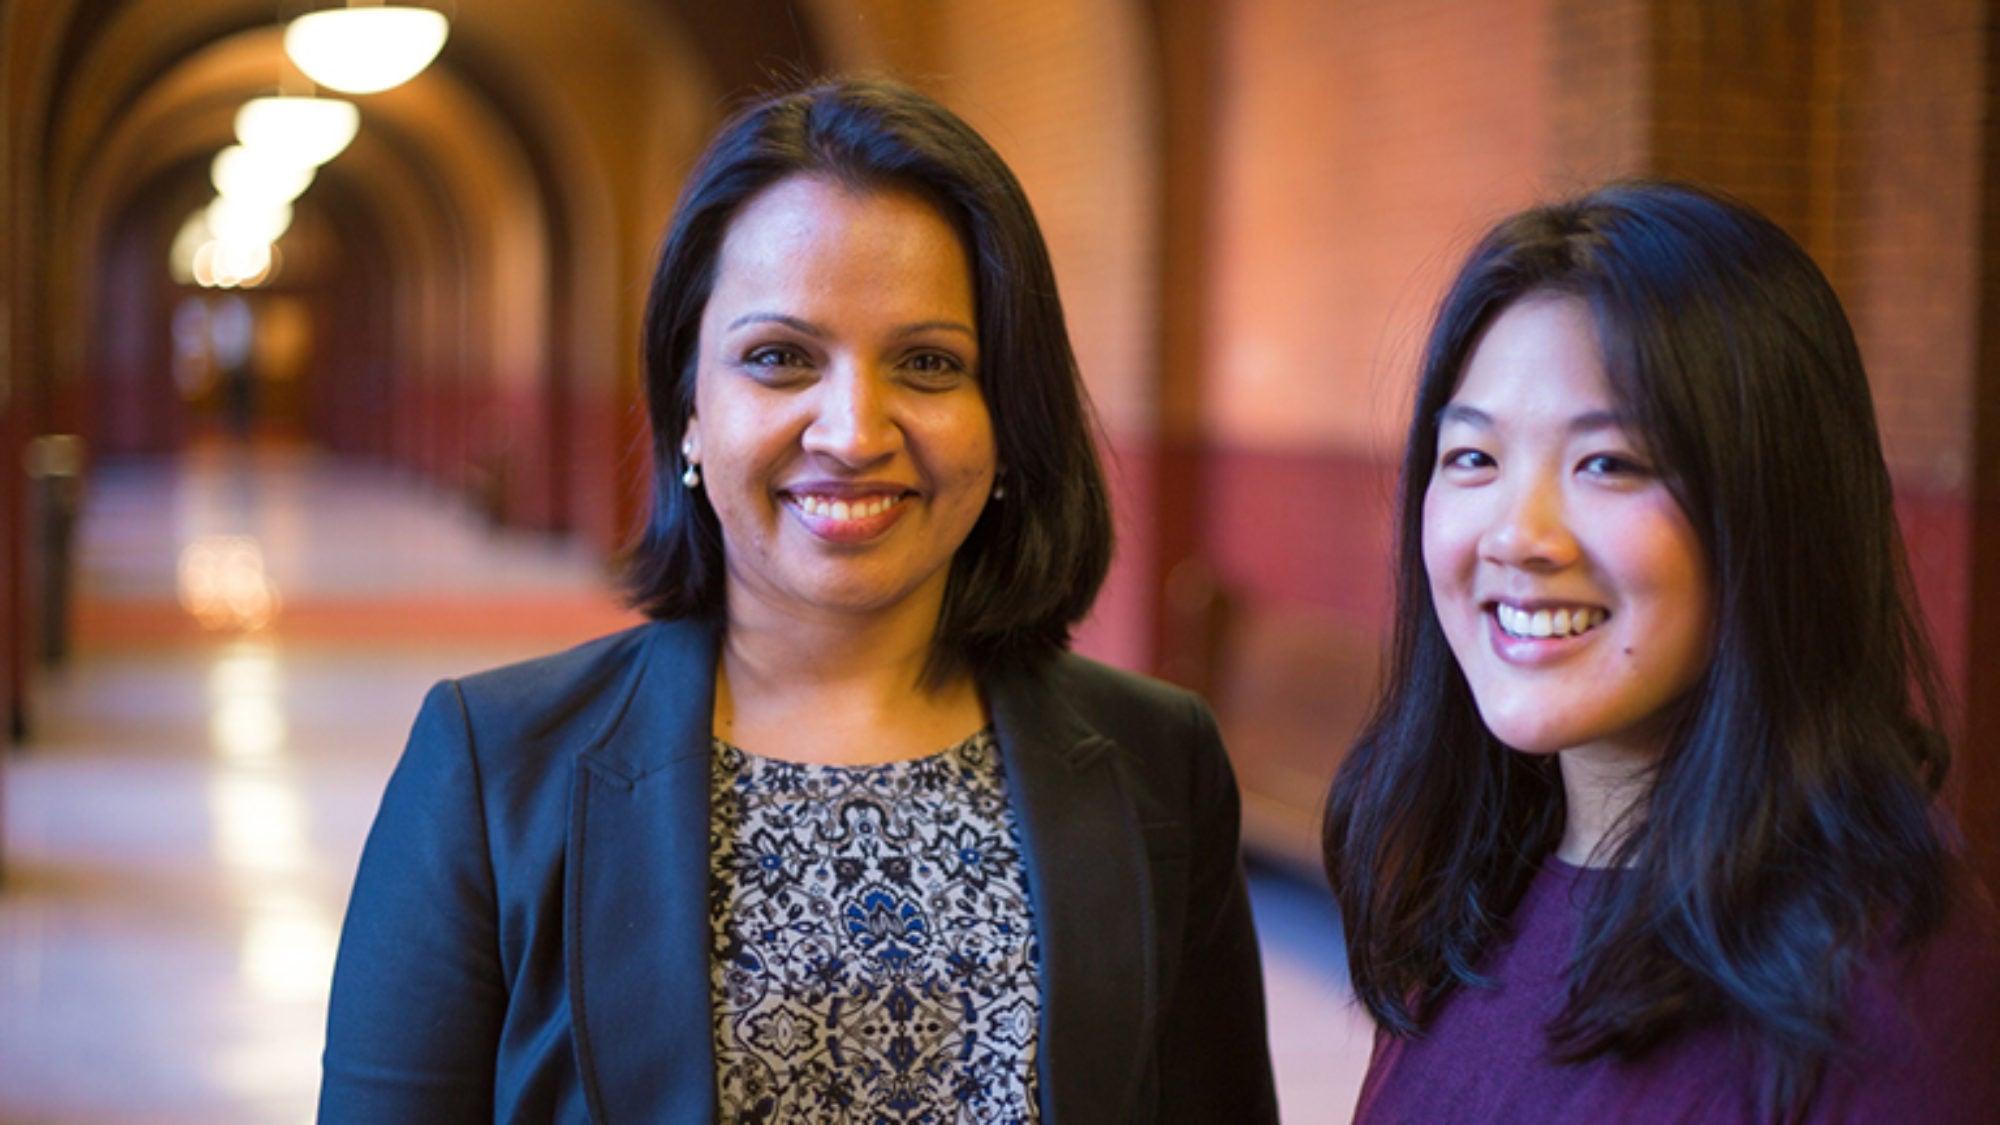 Shweta Bansal and Elizabeth Lee